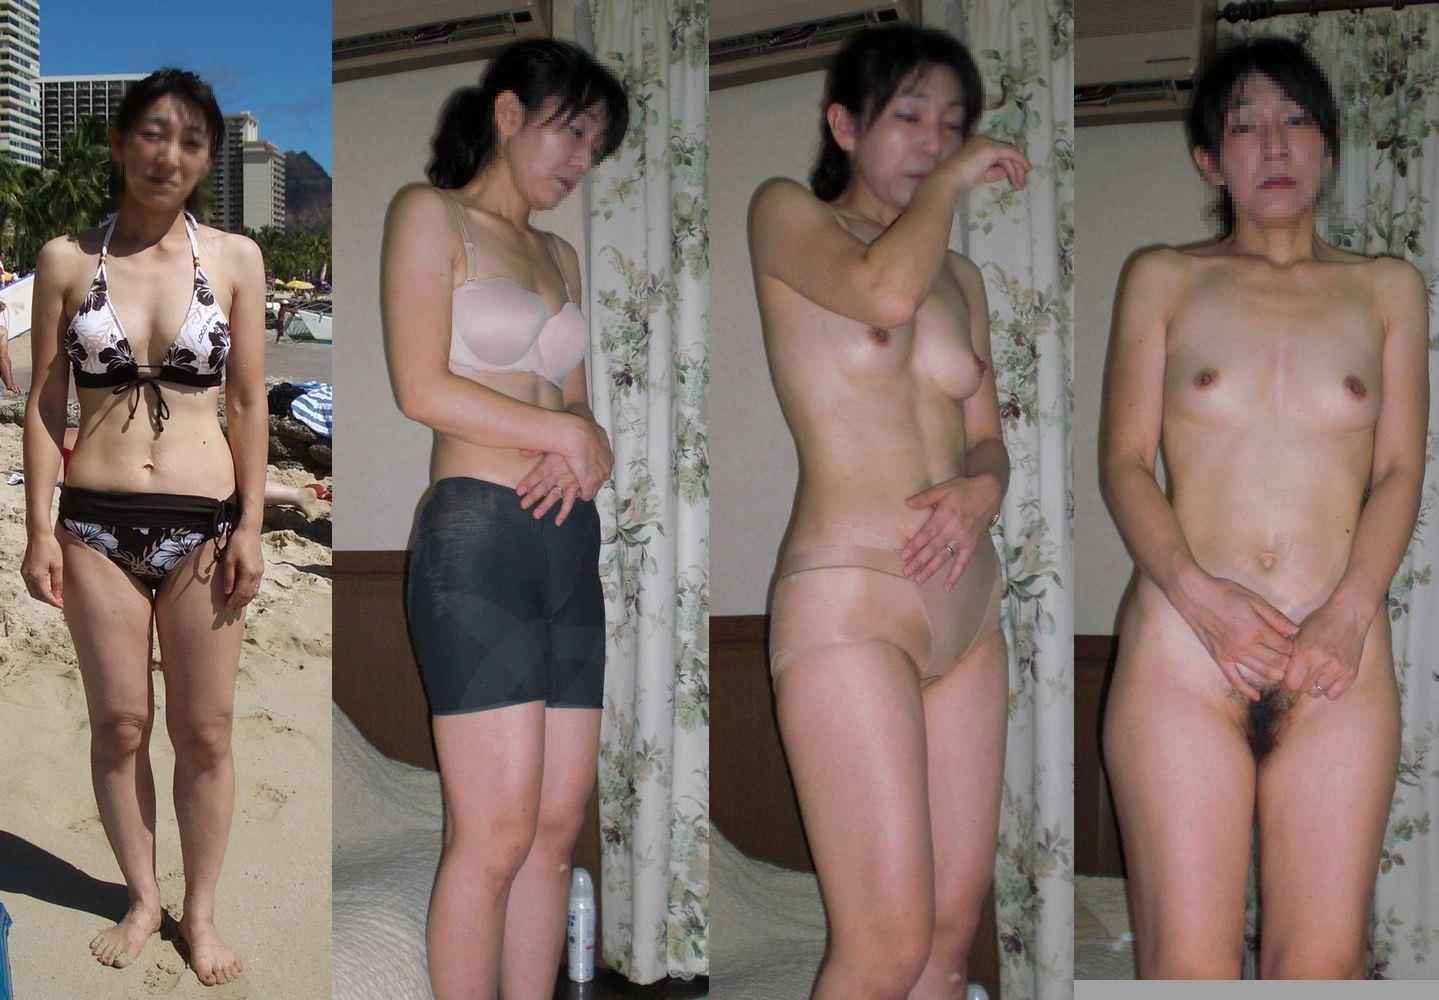 元カレから流出したエロ画像がヤバすぎるでしょう!!!普通の女子の私服とエッチな姿な姿の比較エロ画像wwwwww 15150